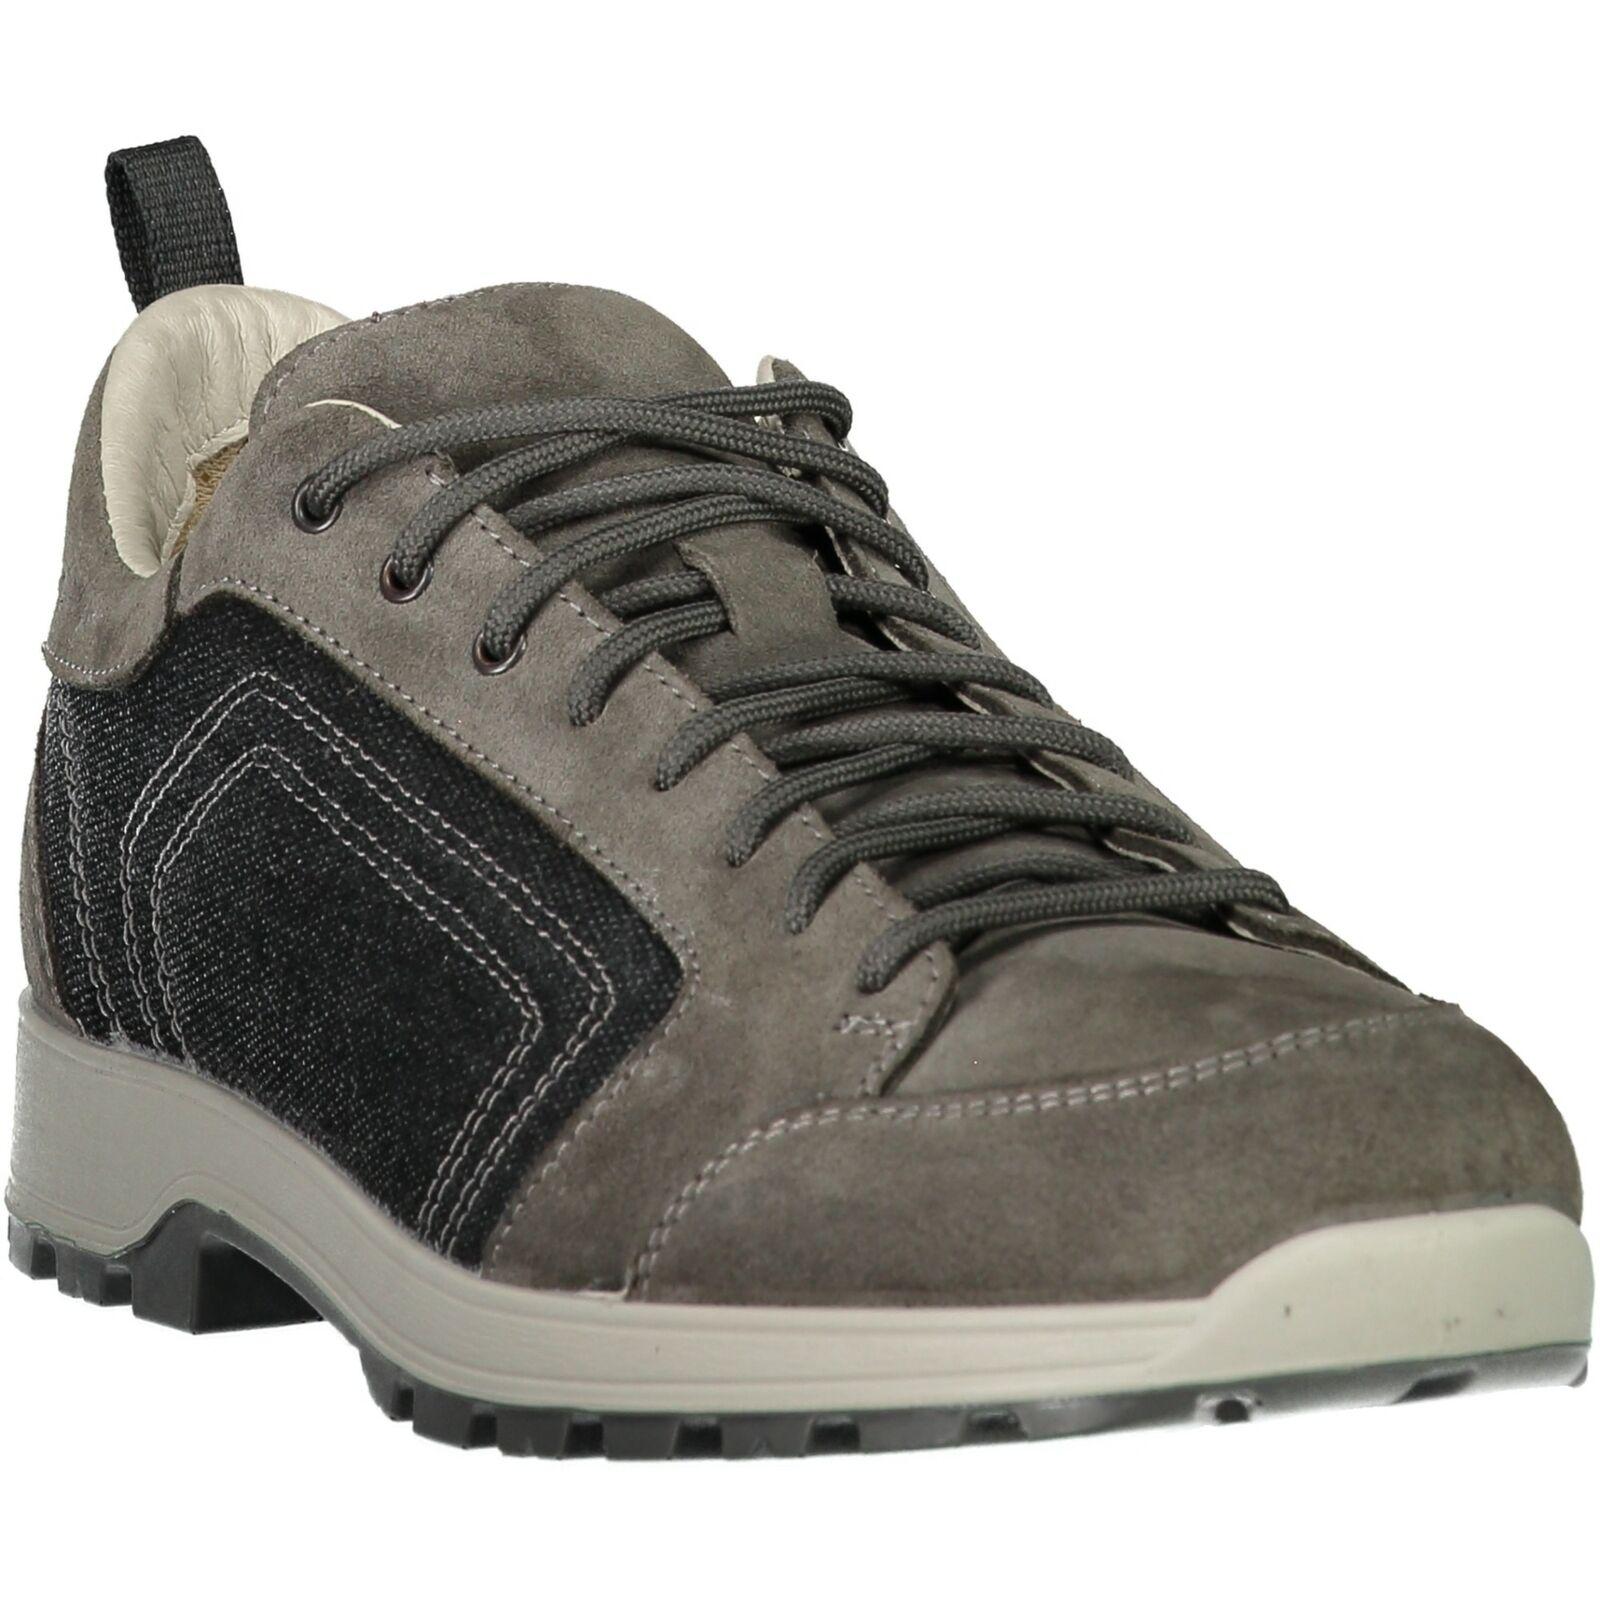 CMP botas Senderismo Zapato Al Aire Libre Atik Canvas Excursionismo Zapatos gris